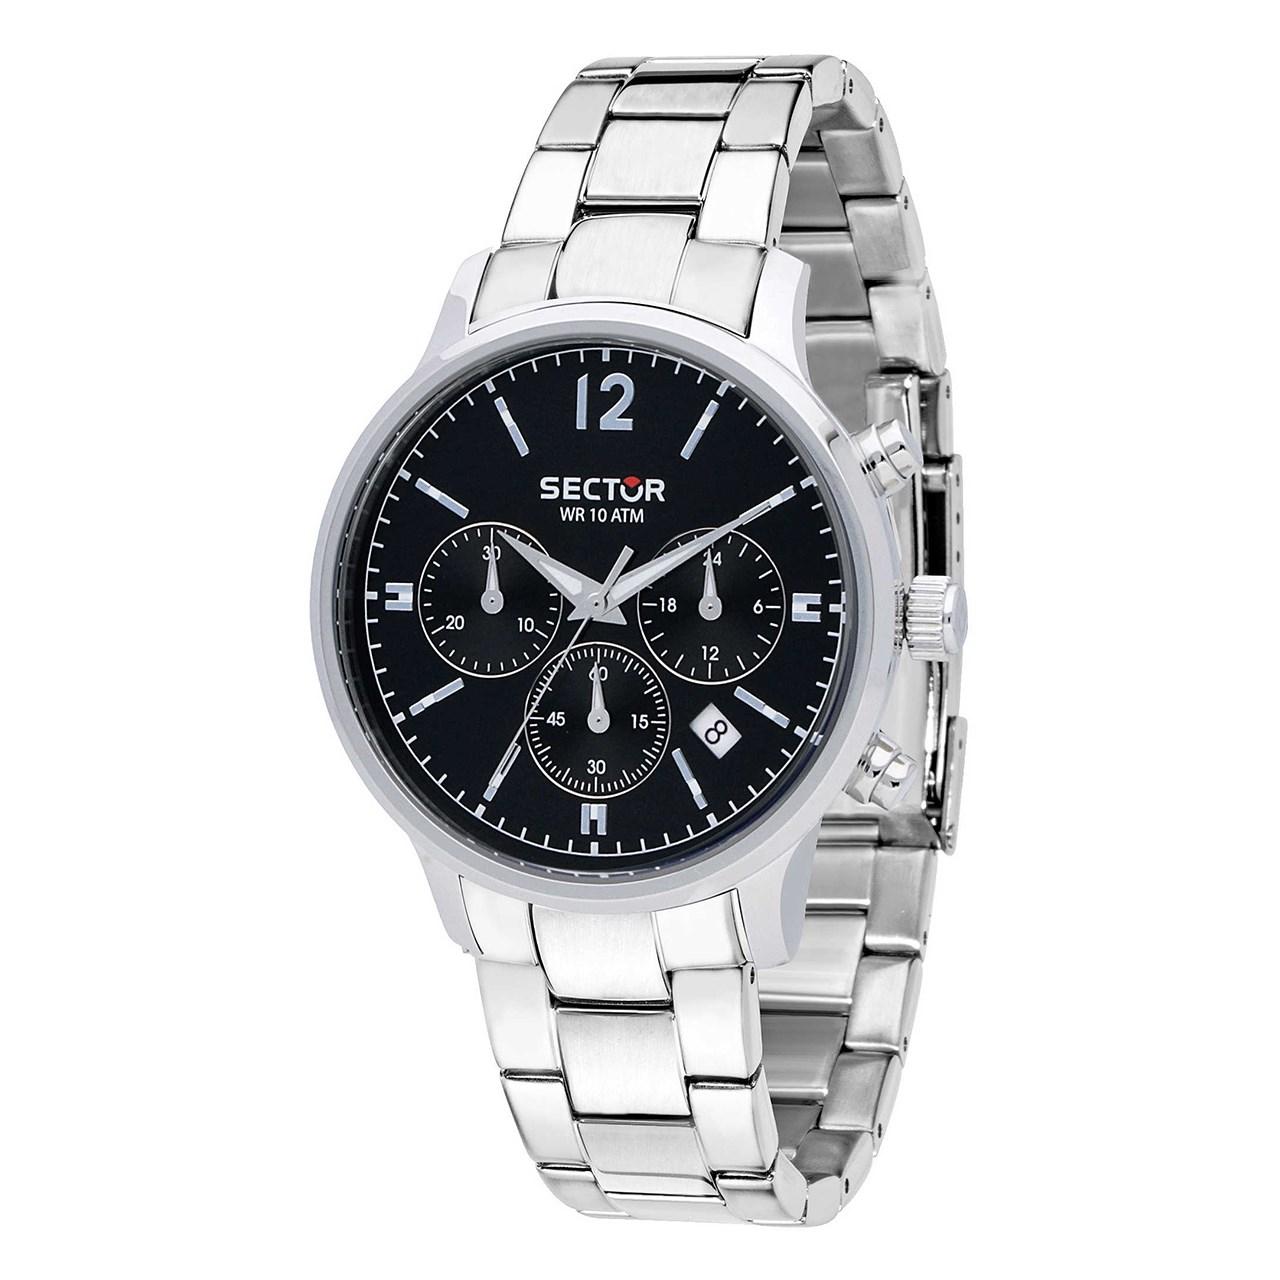 ساعت مچی عقربه ای  سکتور مدل 640-3273693002 55